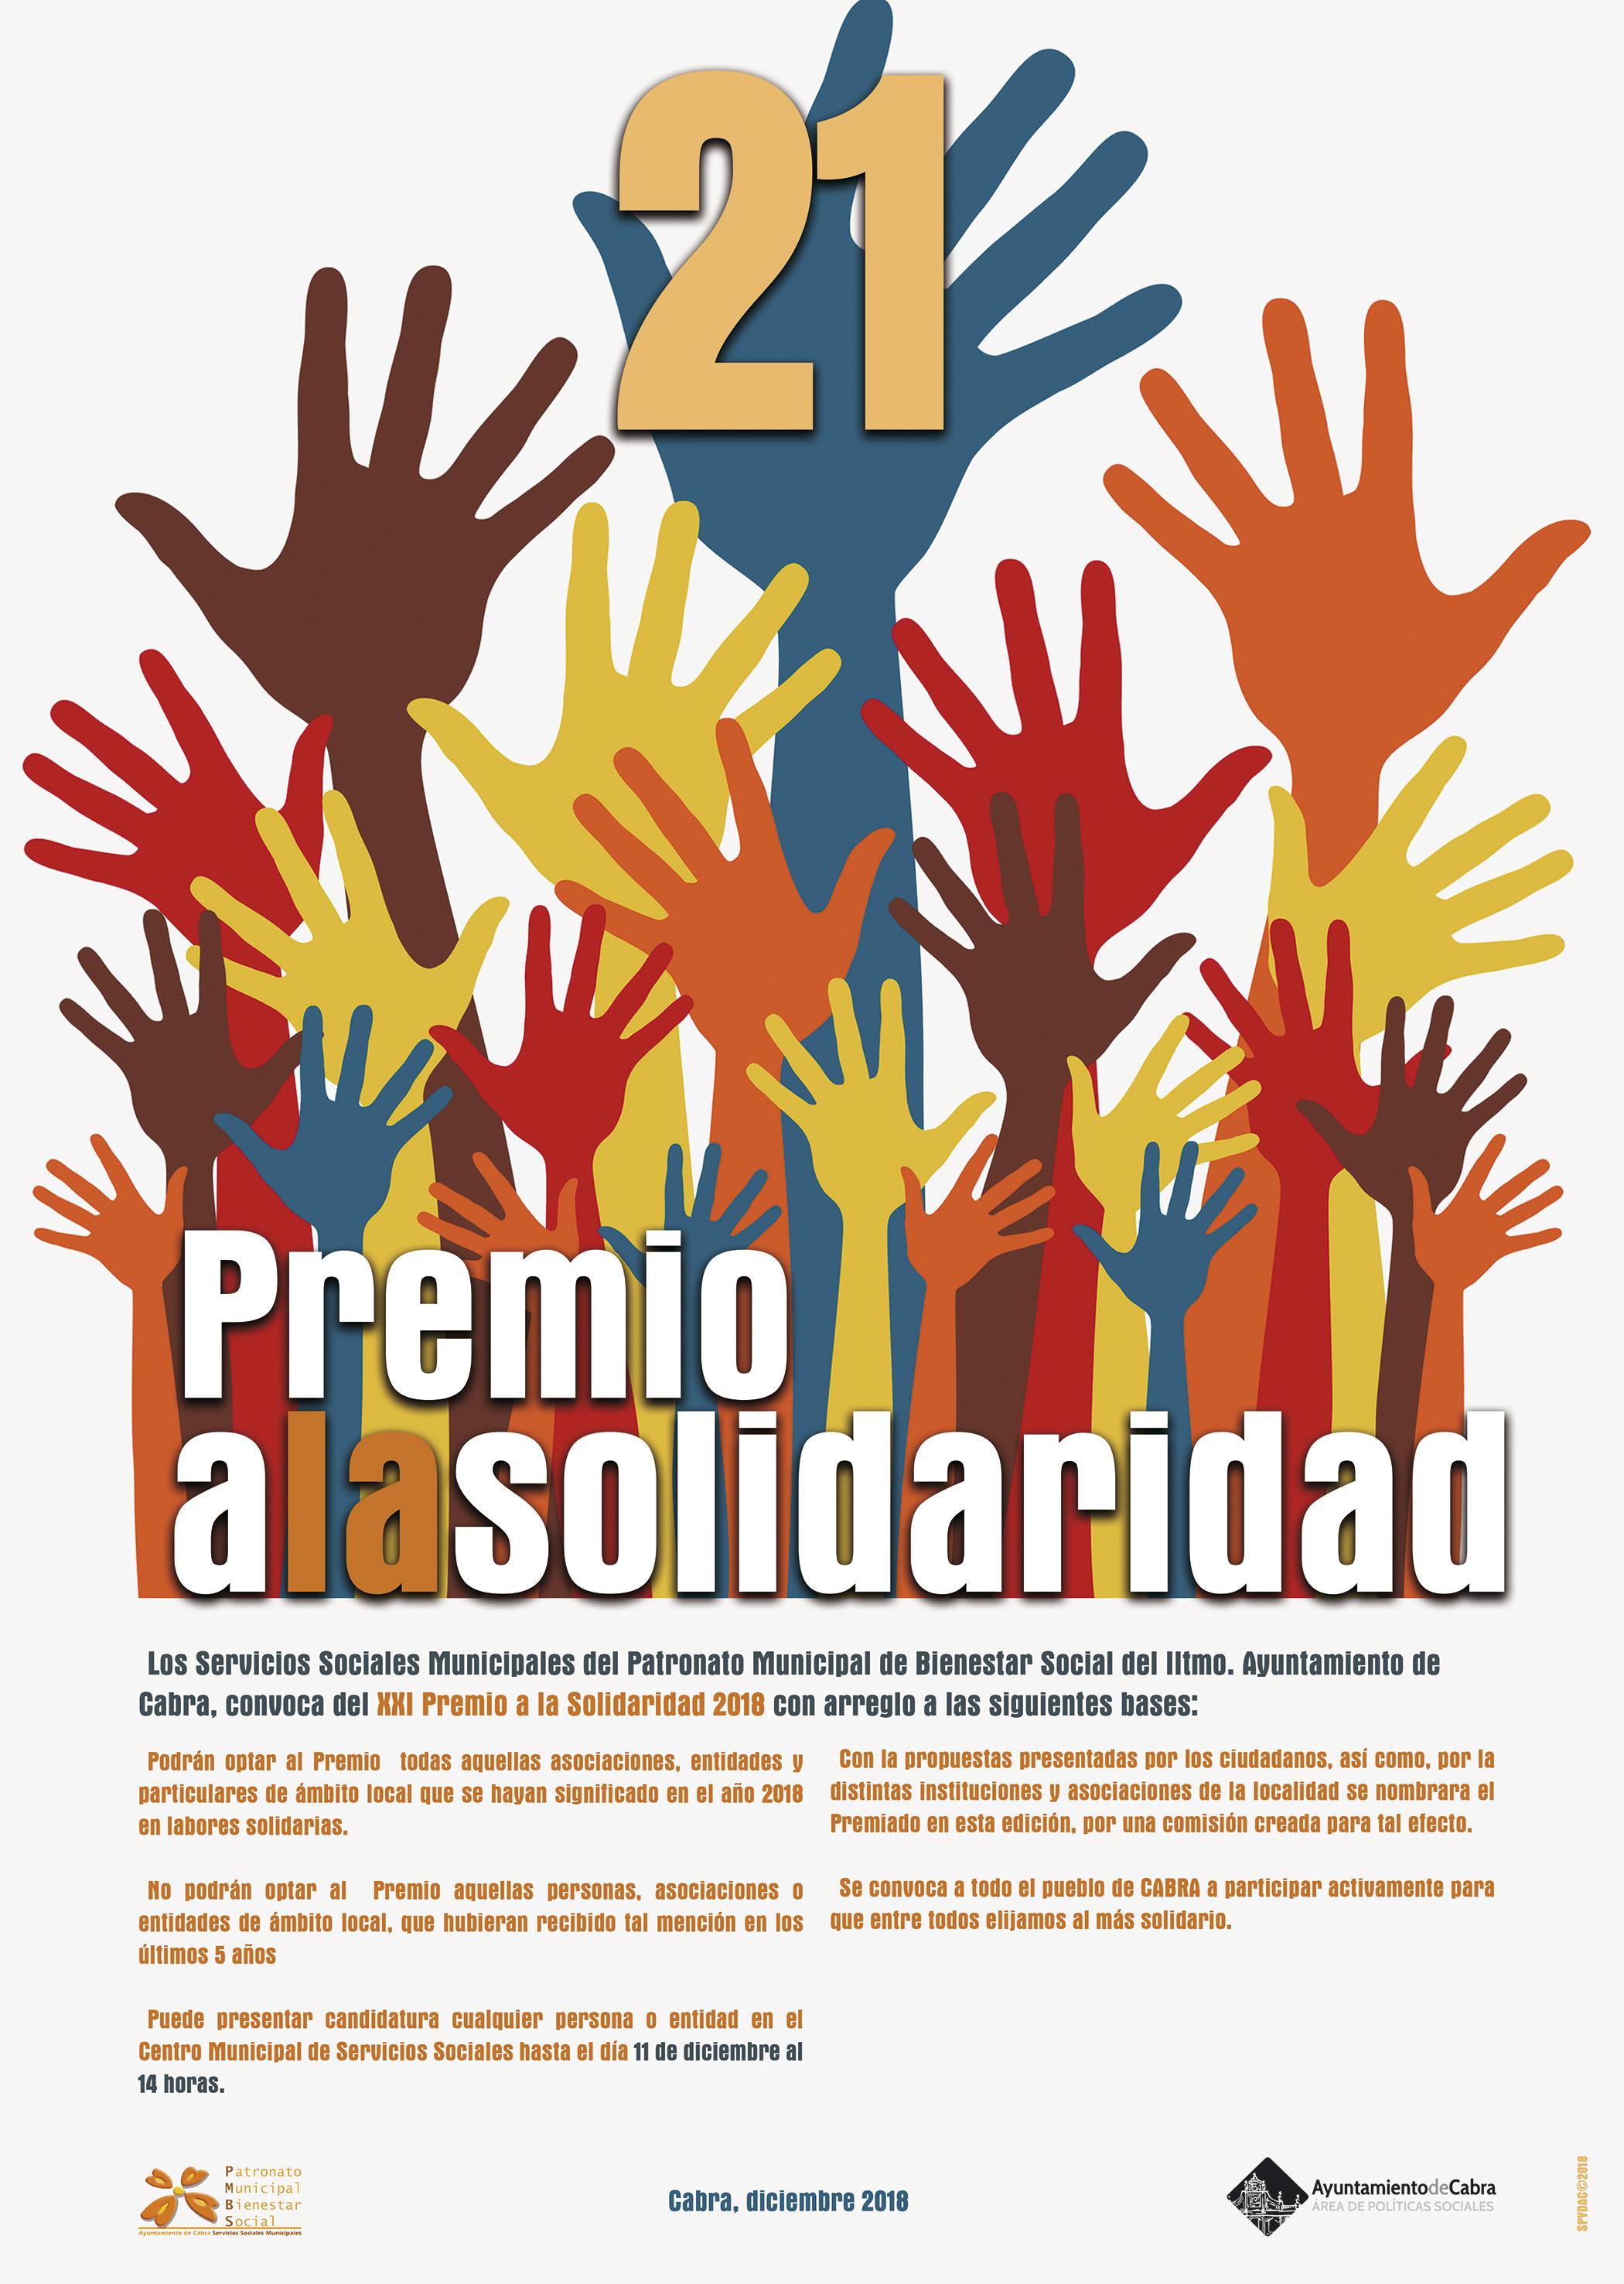 El Ayuntamiento convoca el Premio Solidaridad 2018